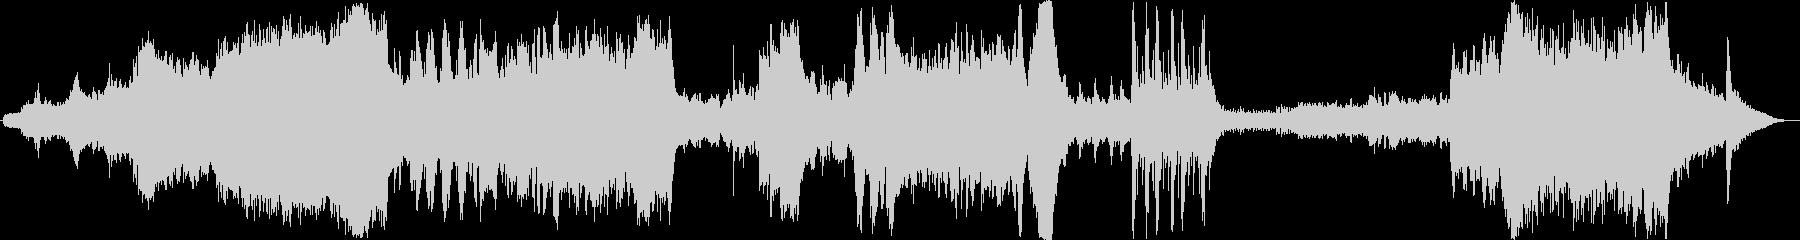 気球旅行記-海峡を越えて〜ドーバー海峡〜の未再生の波形